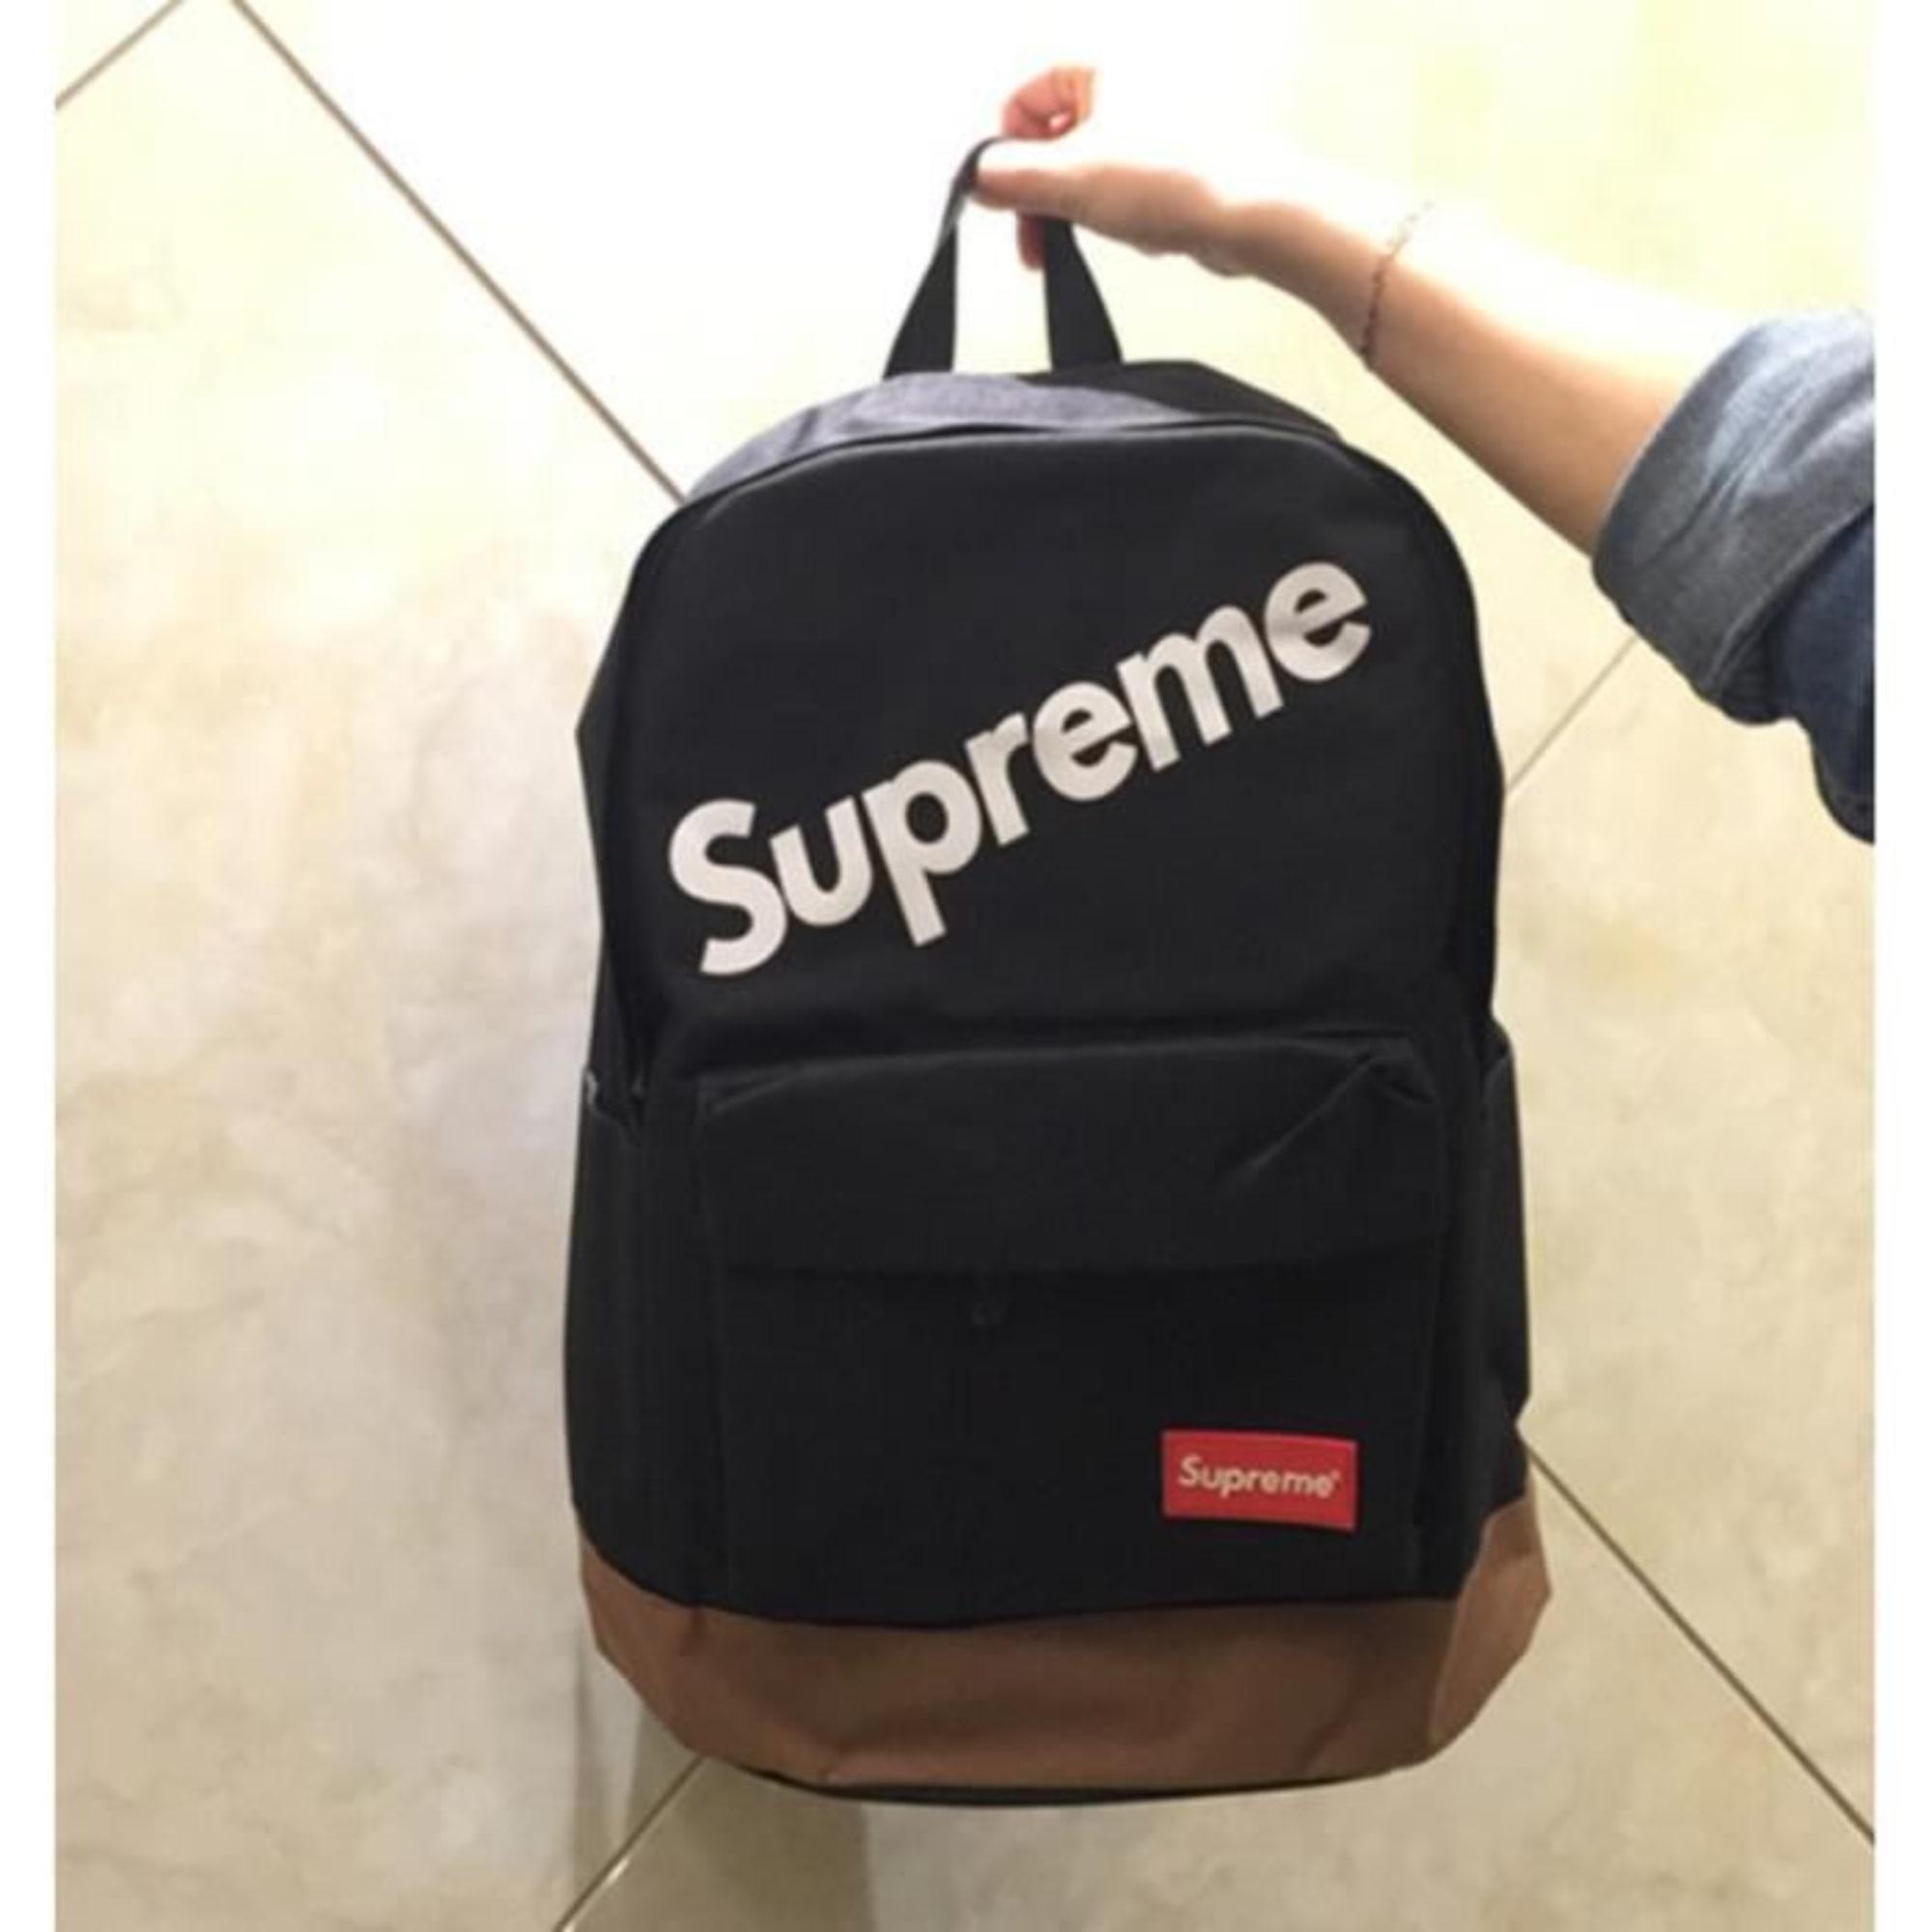 sac a dos supreme